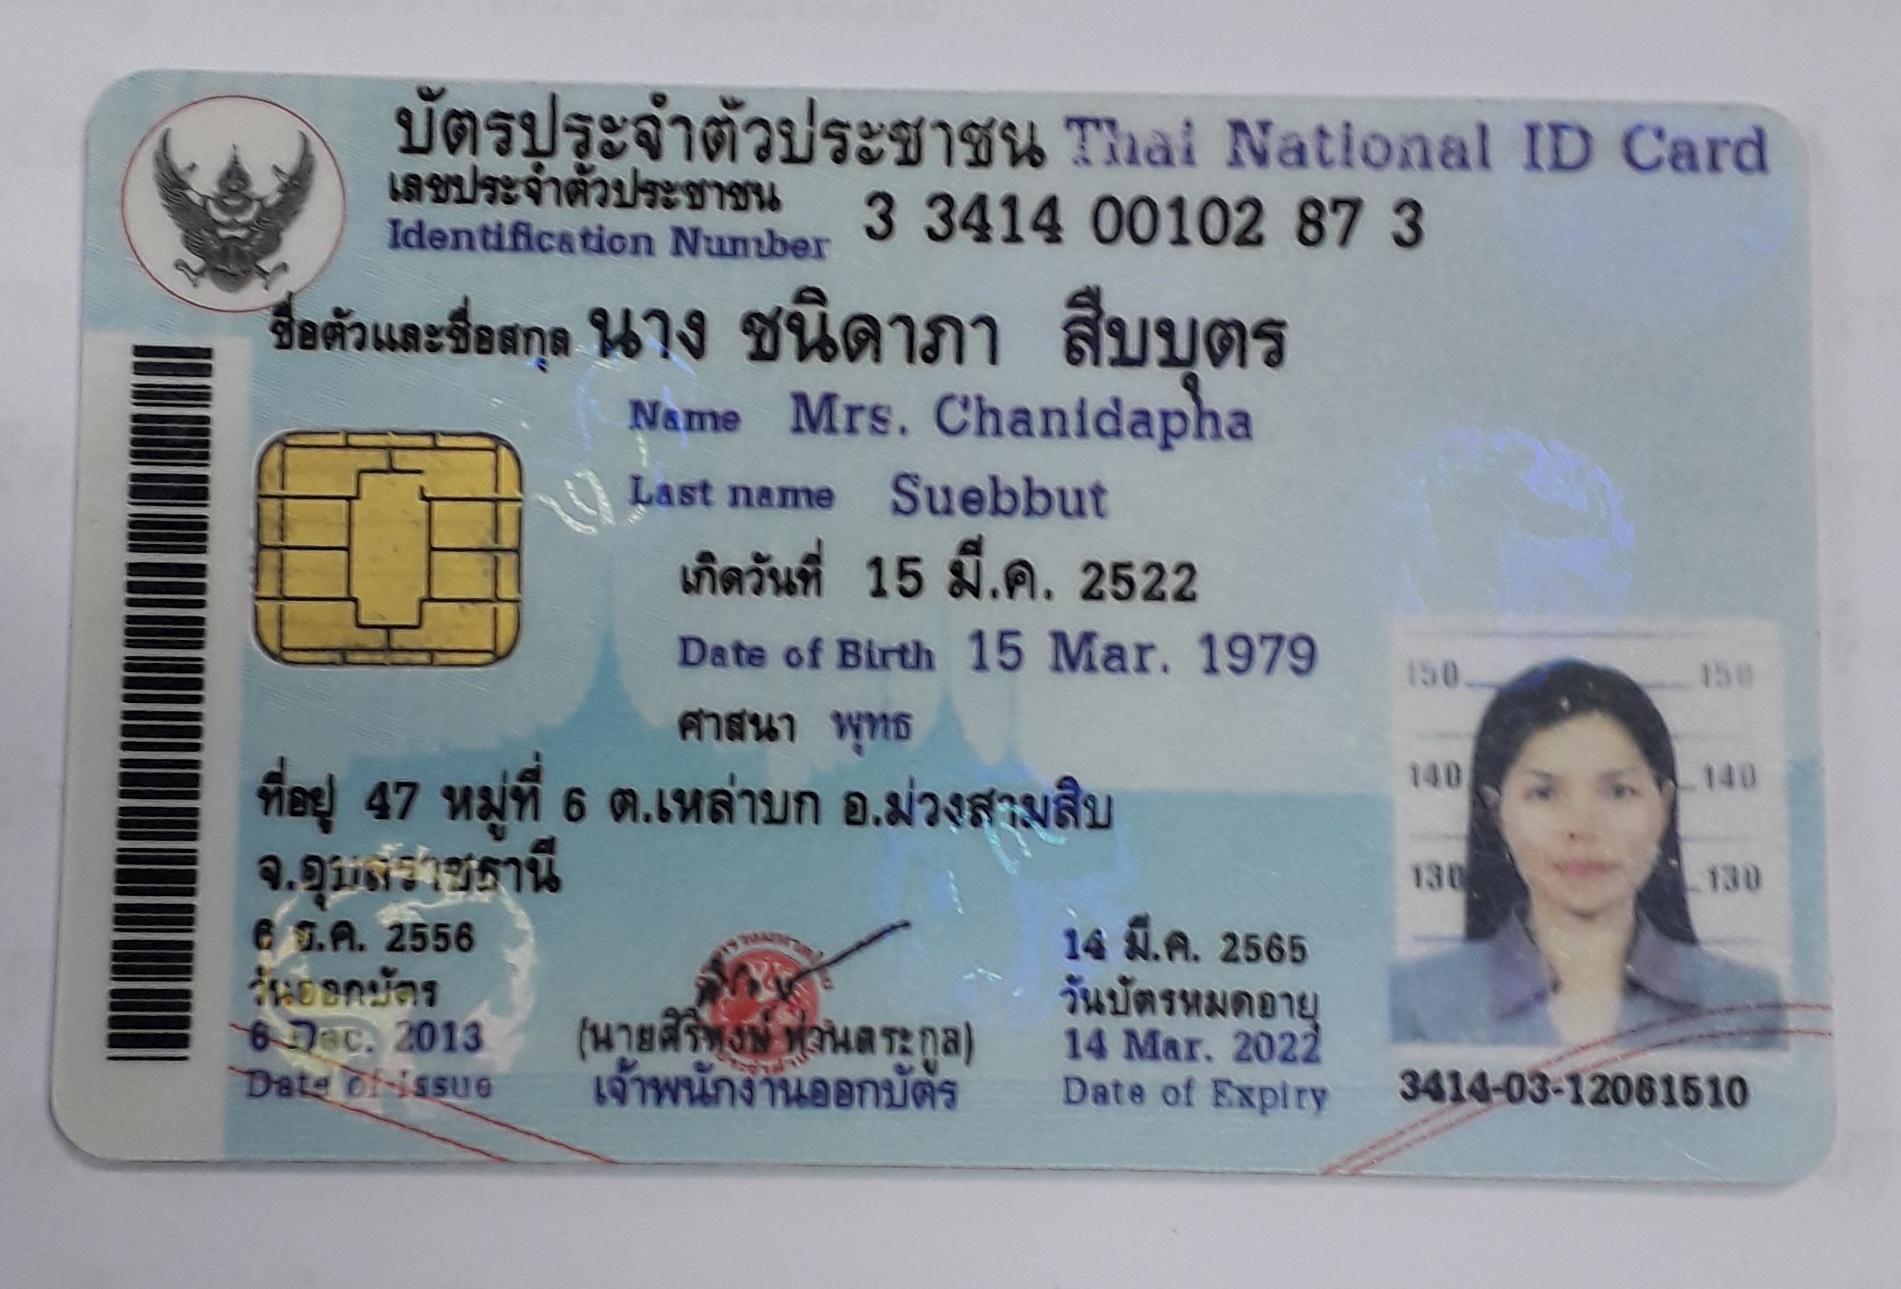 แนบรูปถ่ายหรือสำเนาบัตรประชาชน